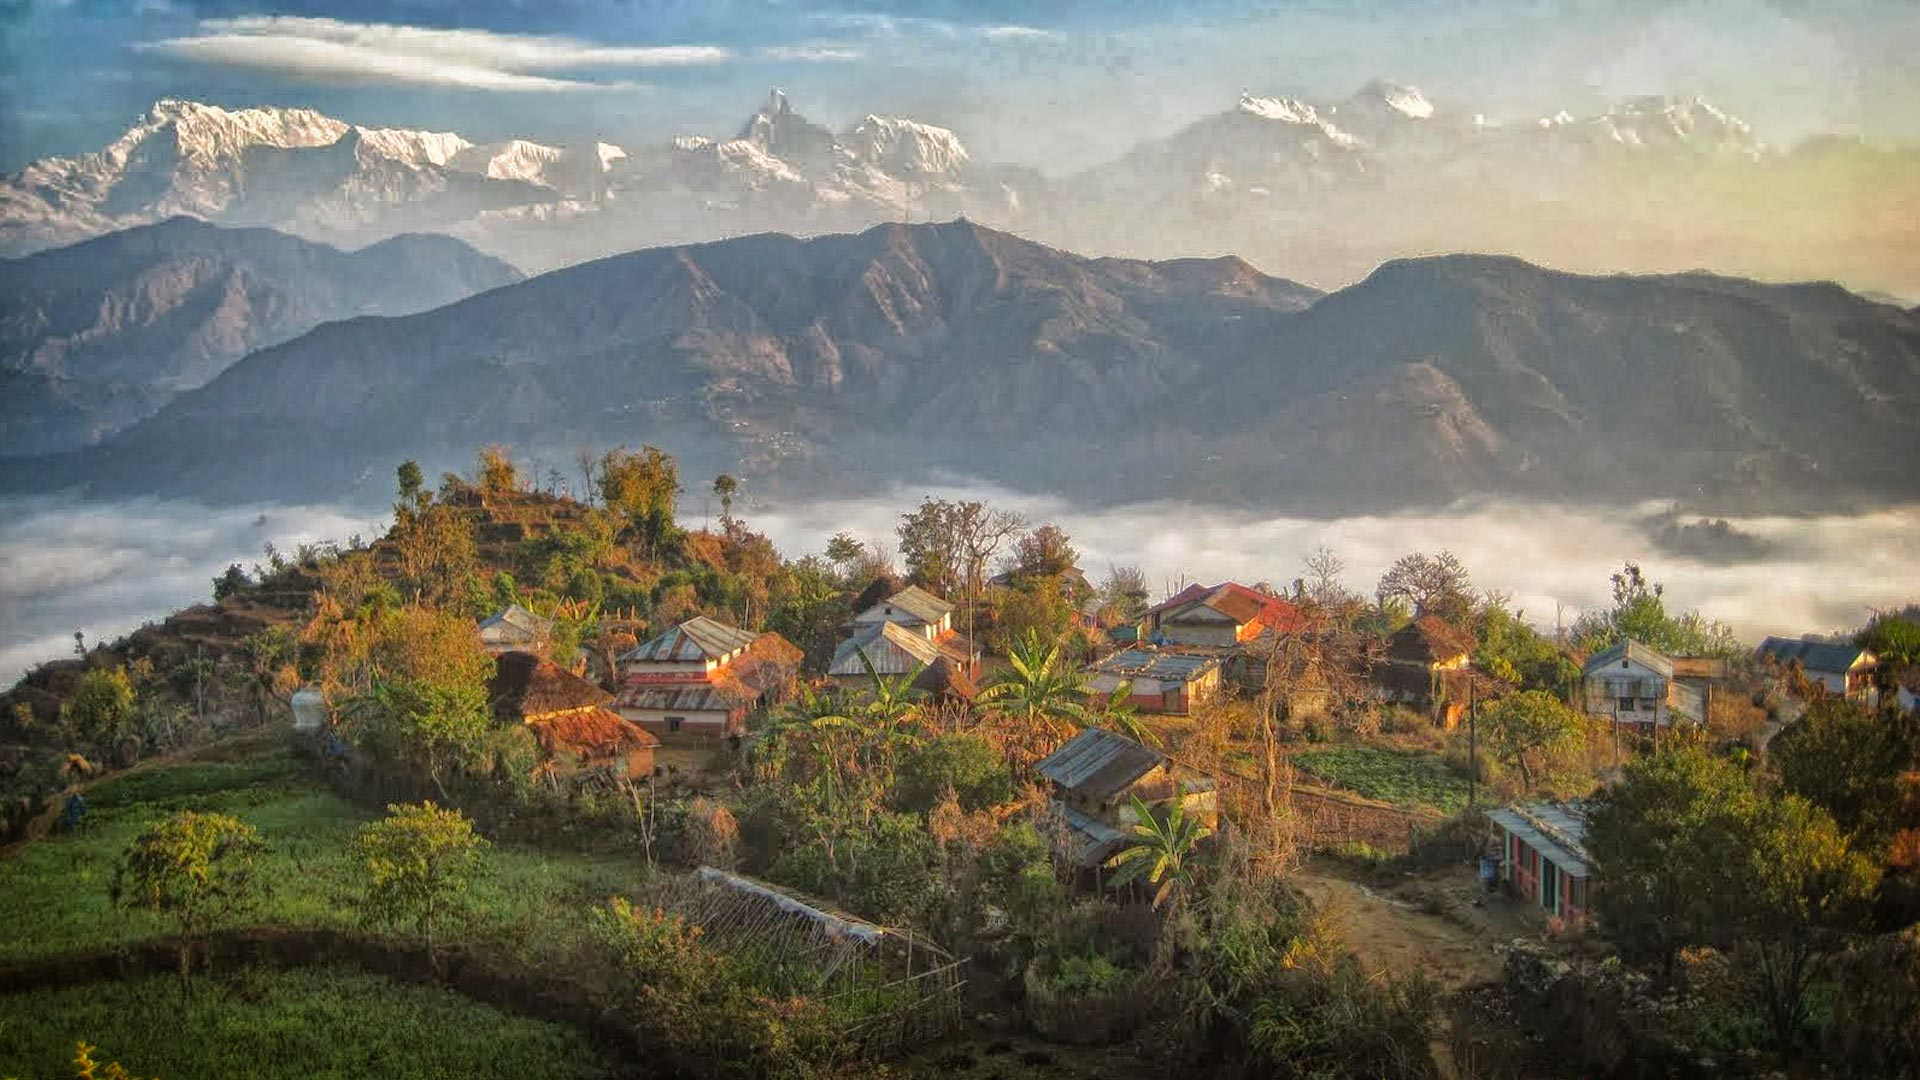 Sirubari Village Homestay - White Himalaya Trekinng in Nepal